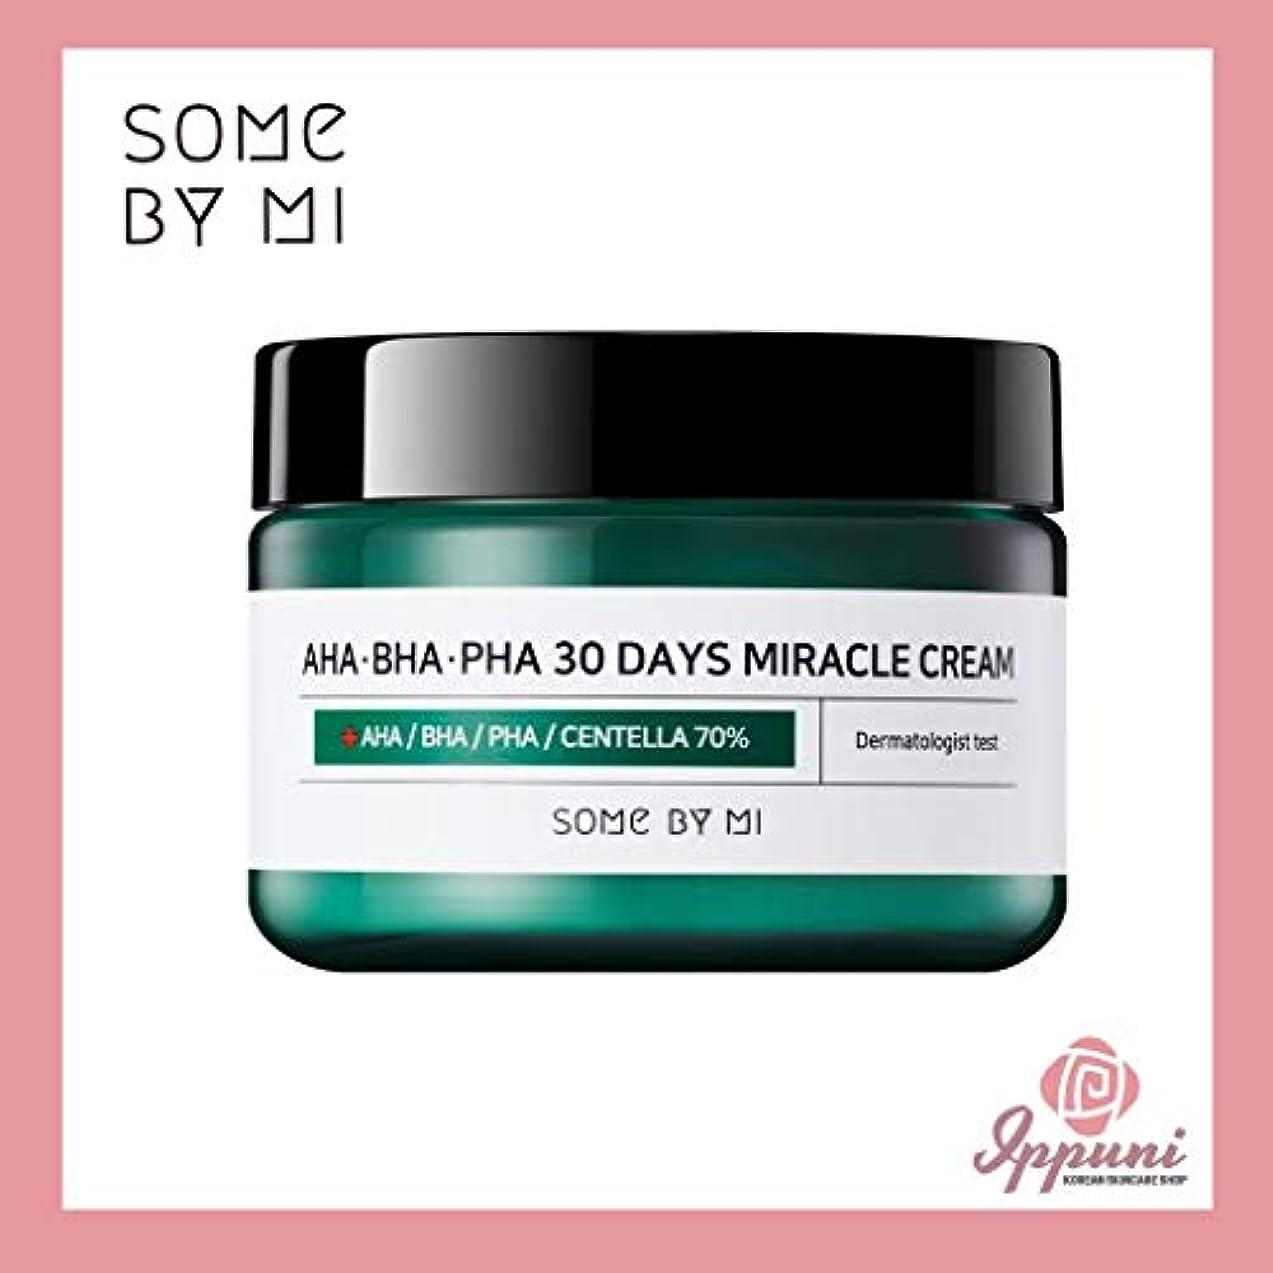 十分です平野障害者Somebymi AHA BHA PHA Miracle Cream 50ml (1.7oz) Skin Barrier & Recovery, Soothing with Tea Tree 10,000ppm for...